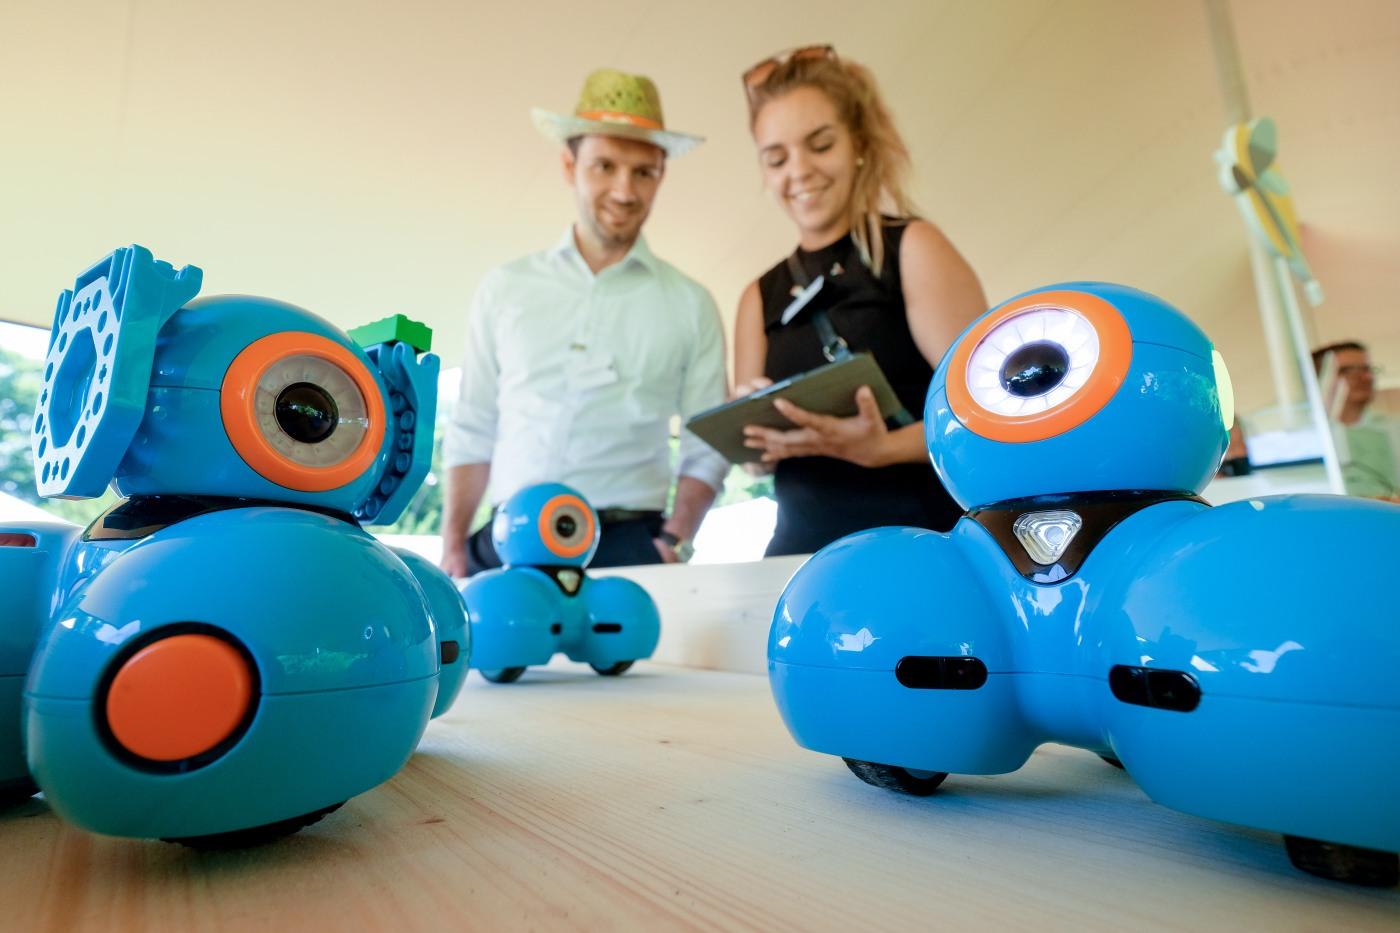 Spielerisch Programmieren mit dem Roboter Dash!